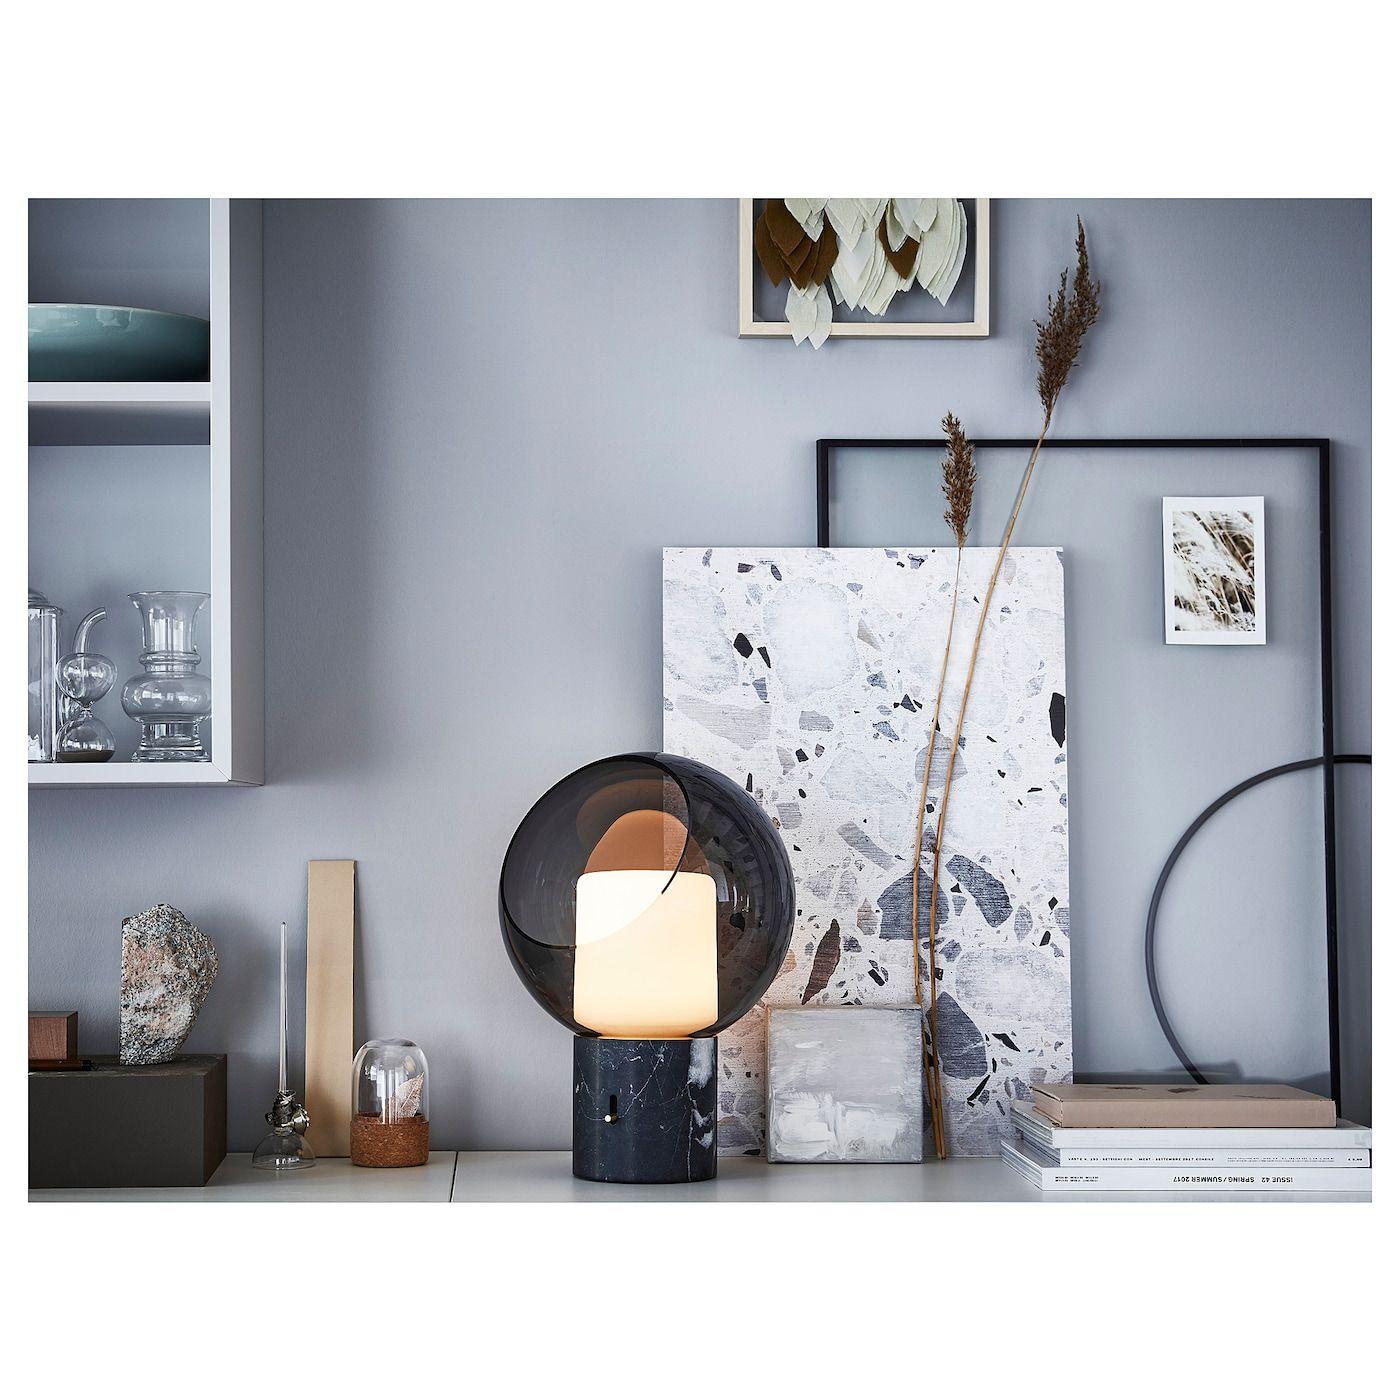 Ikea Evedal Marble Gray Gray Globe Globe Table Lamp In 2020 Ikea Table Lamp Grey Table Lamps Ikea